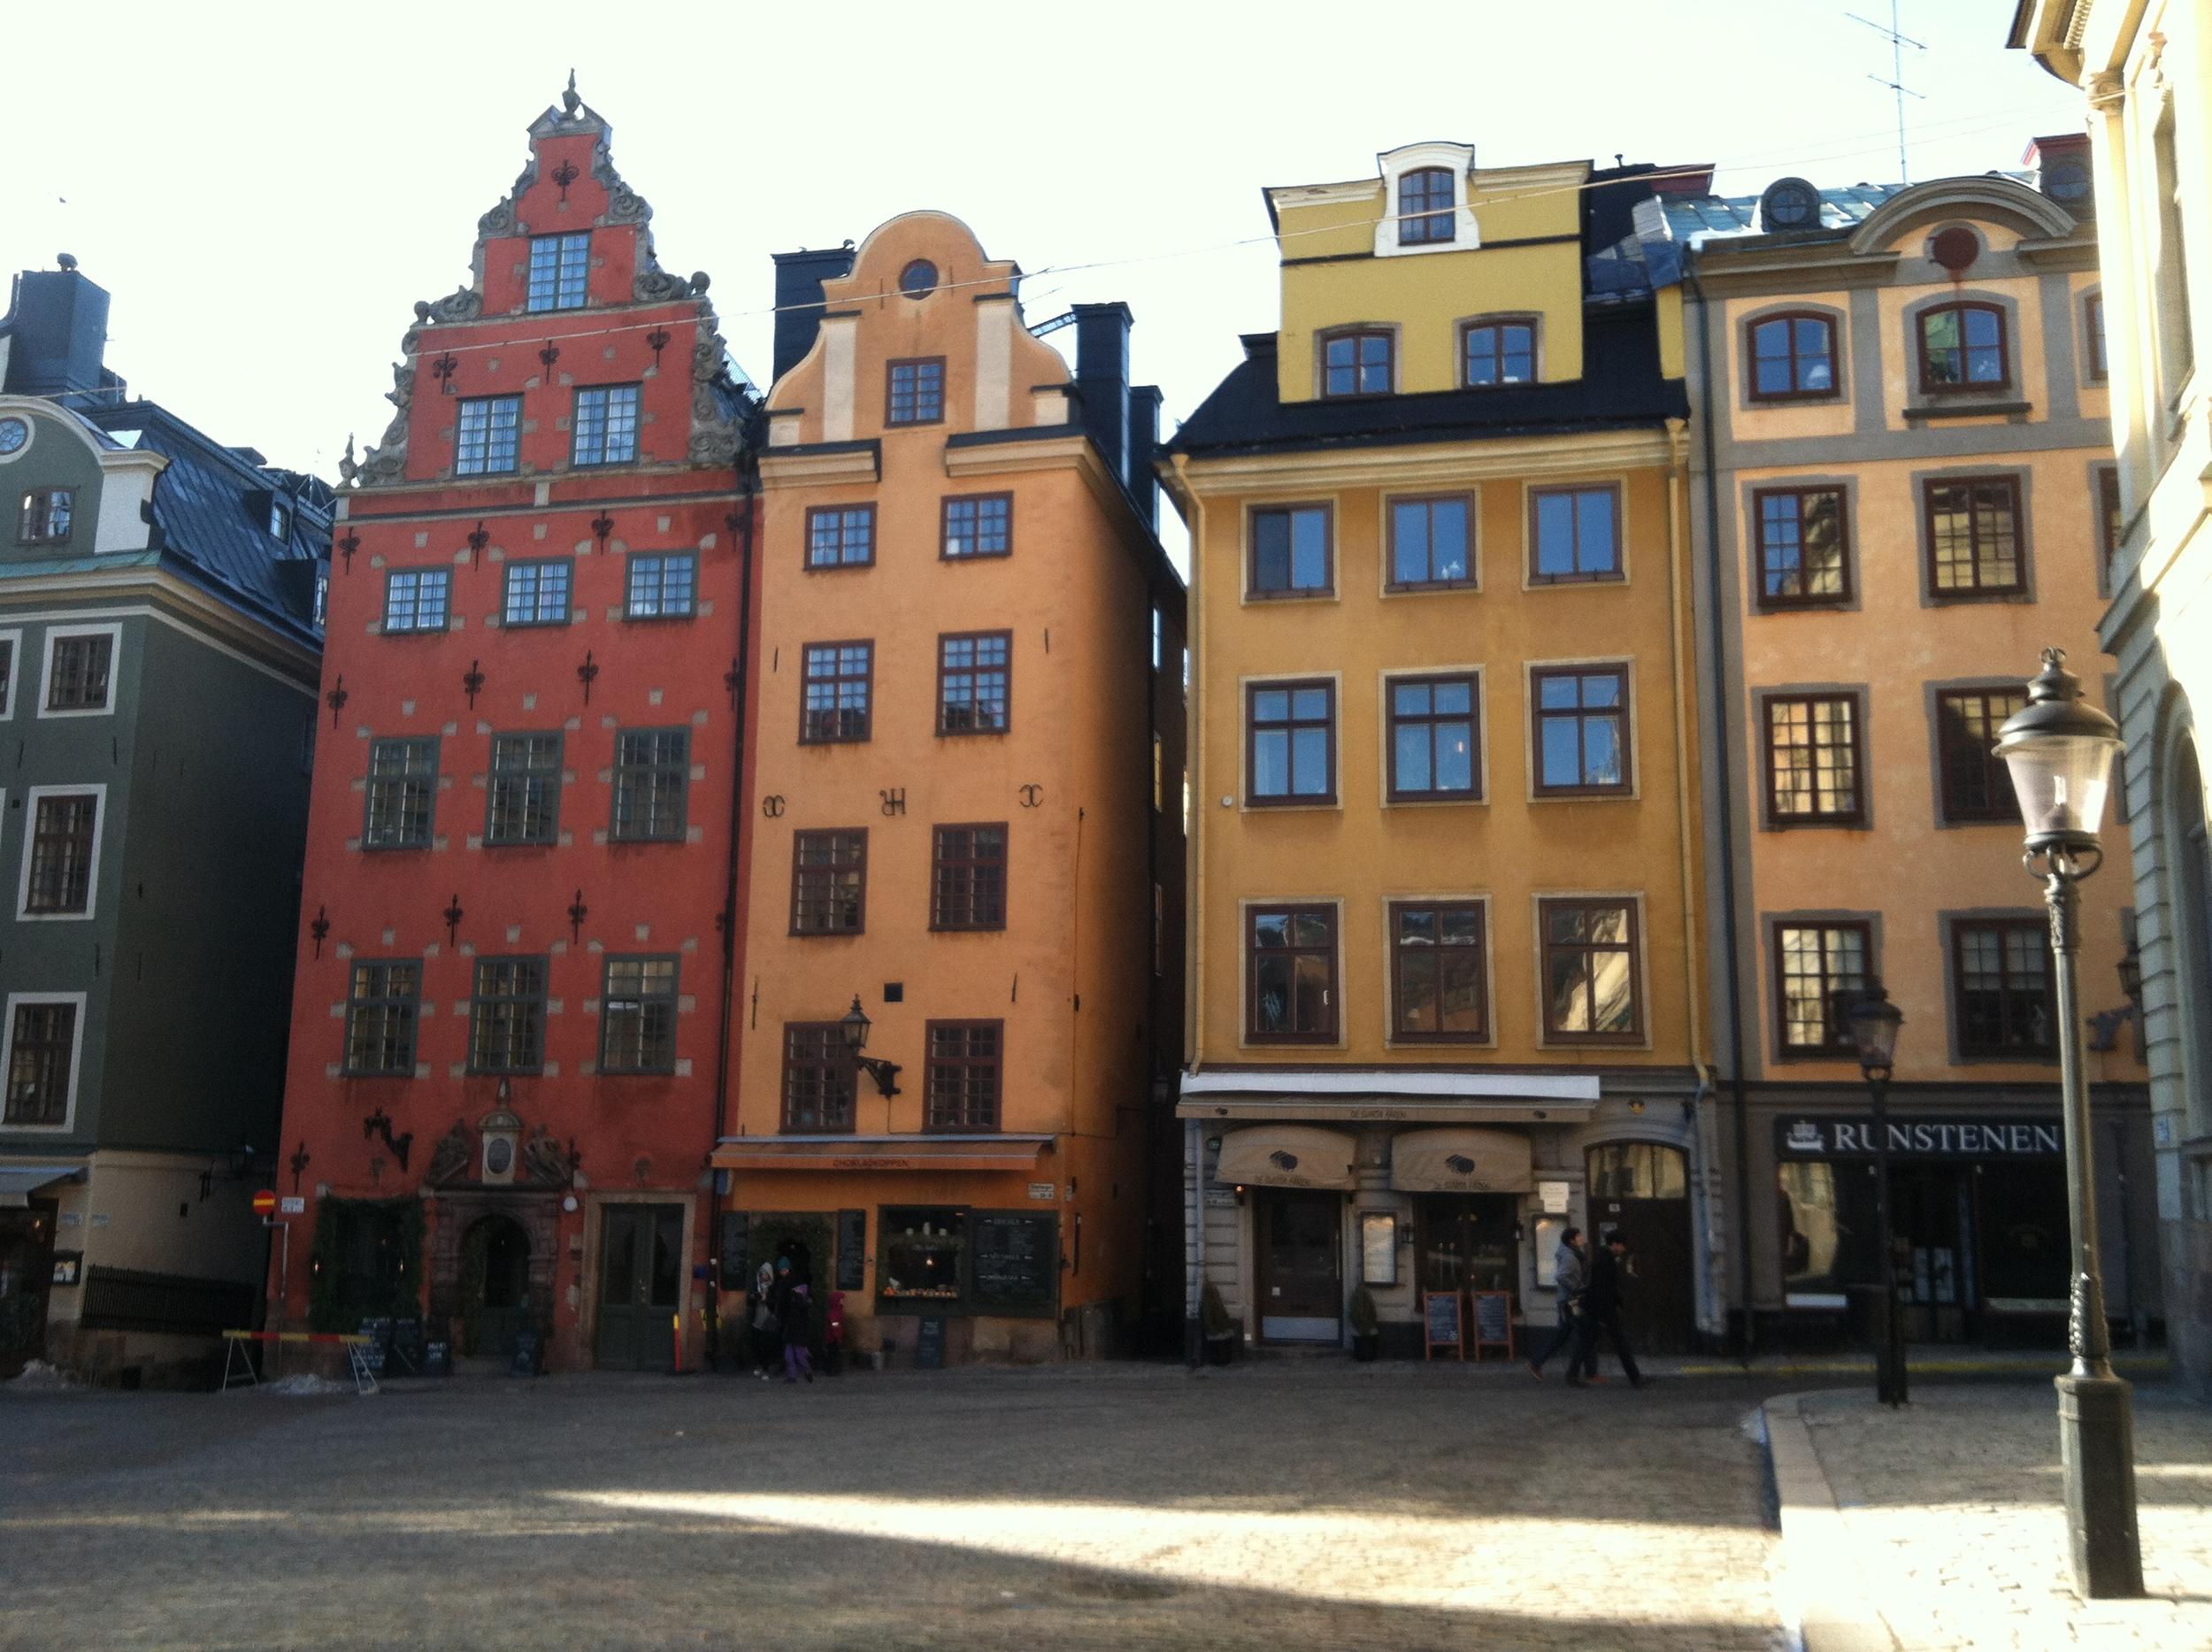 Stortorget inGamla Stan (Old Town), STockholm